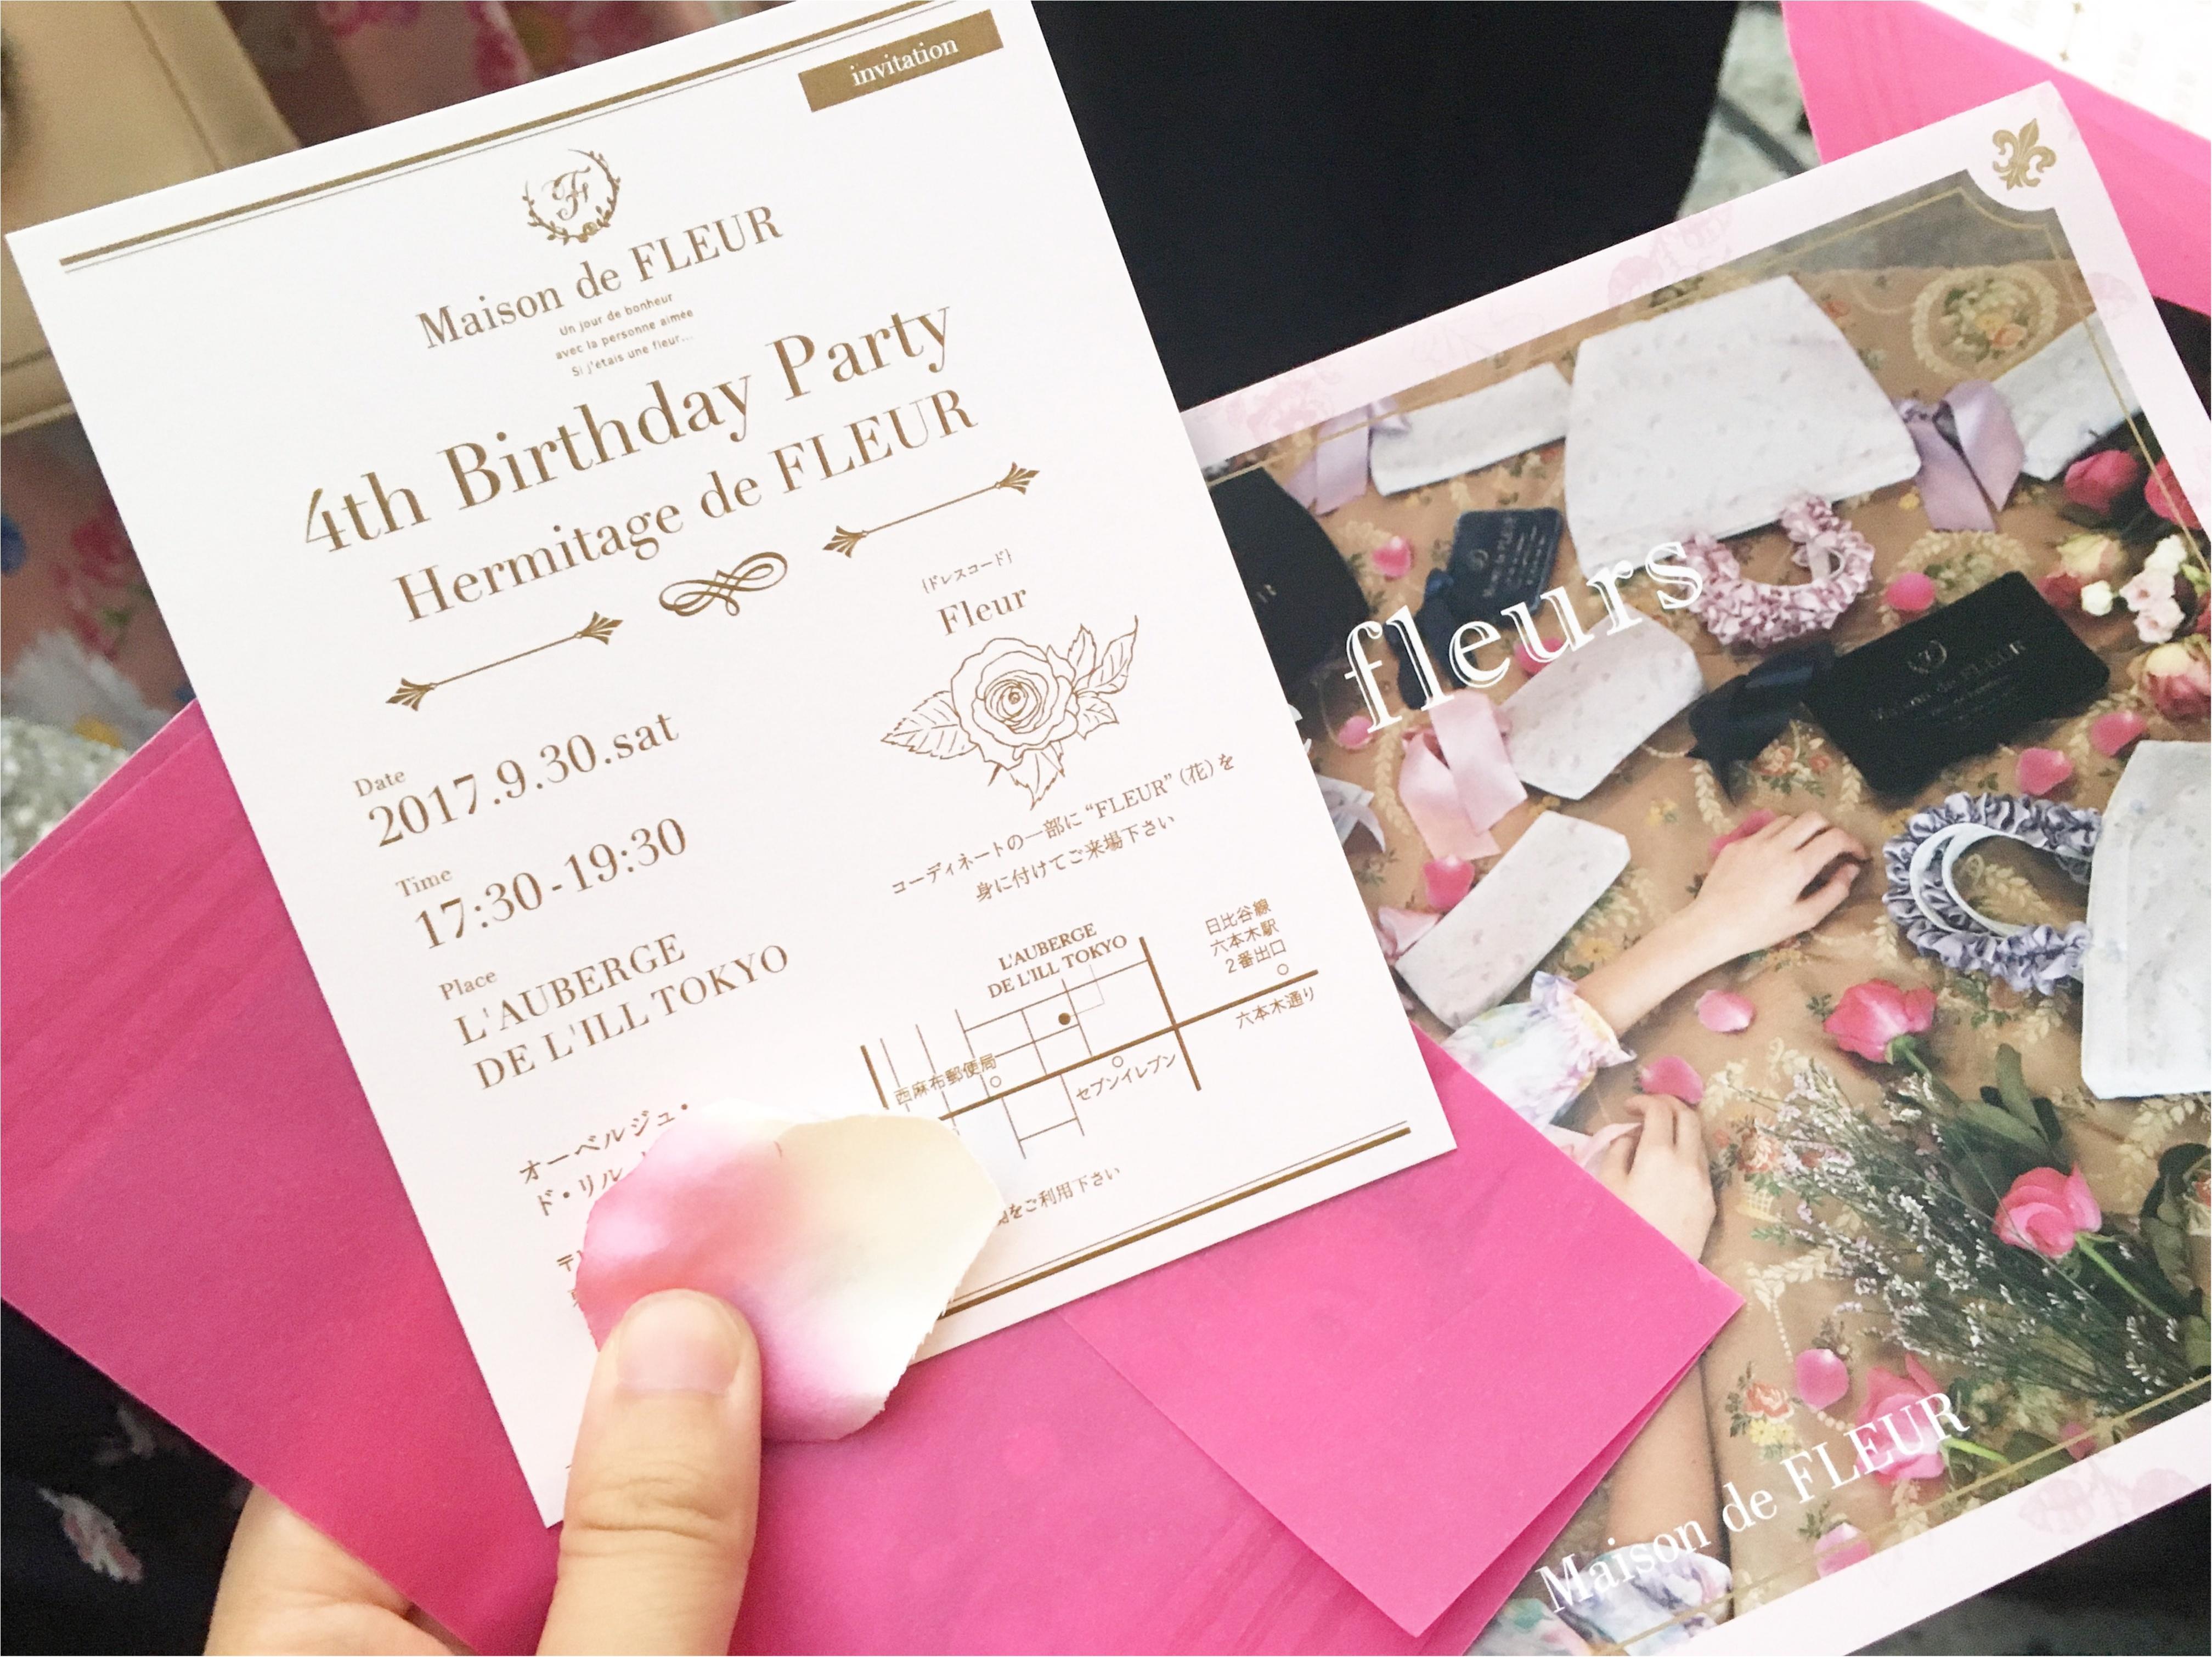 maison de fleur 4th birthday party メゾンドフルールの4周年パーティ